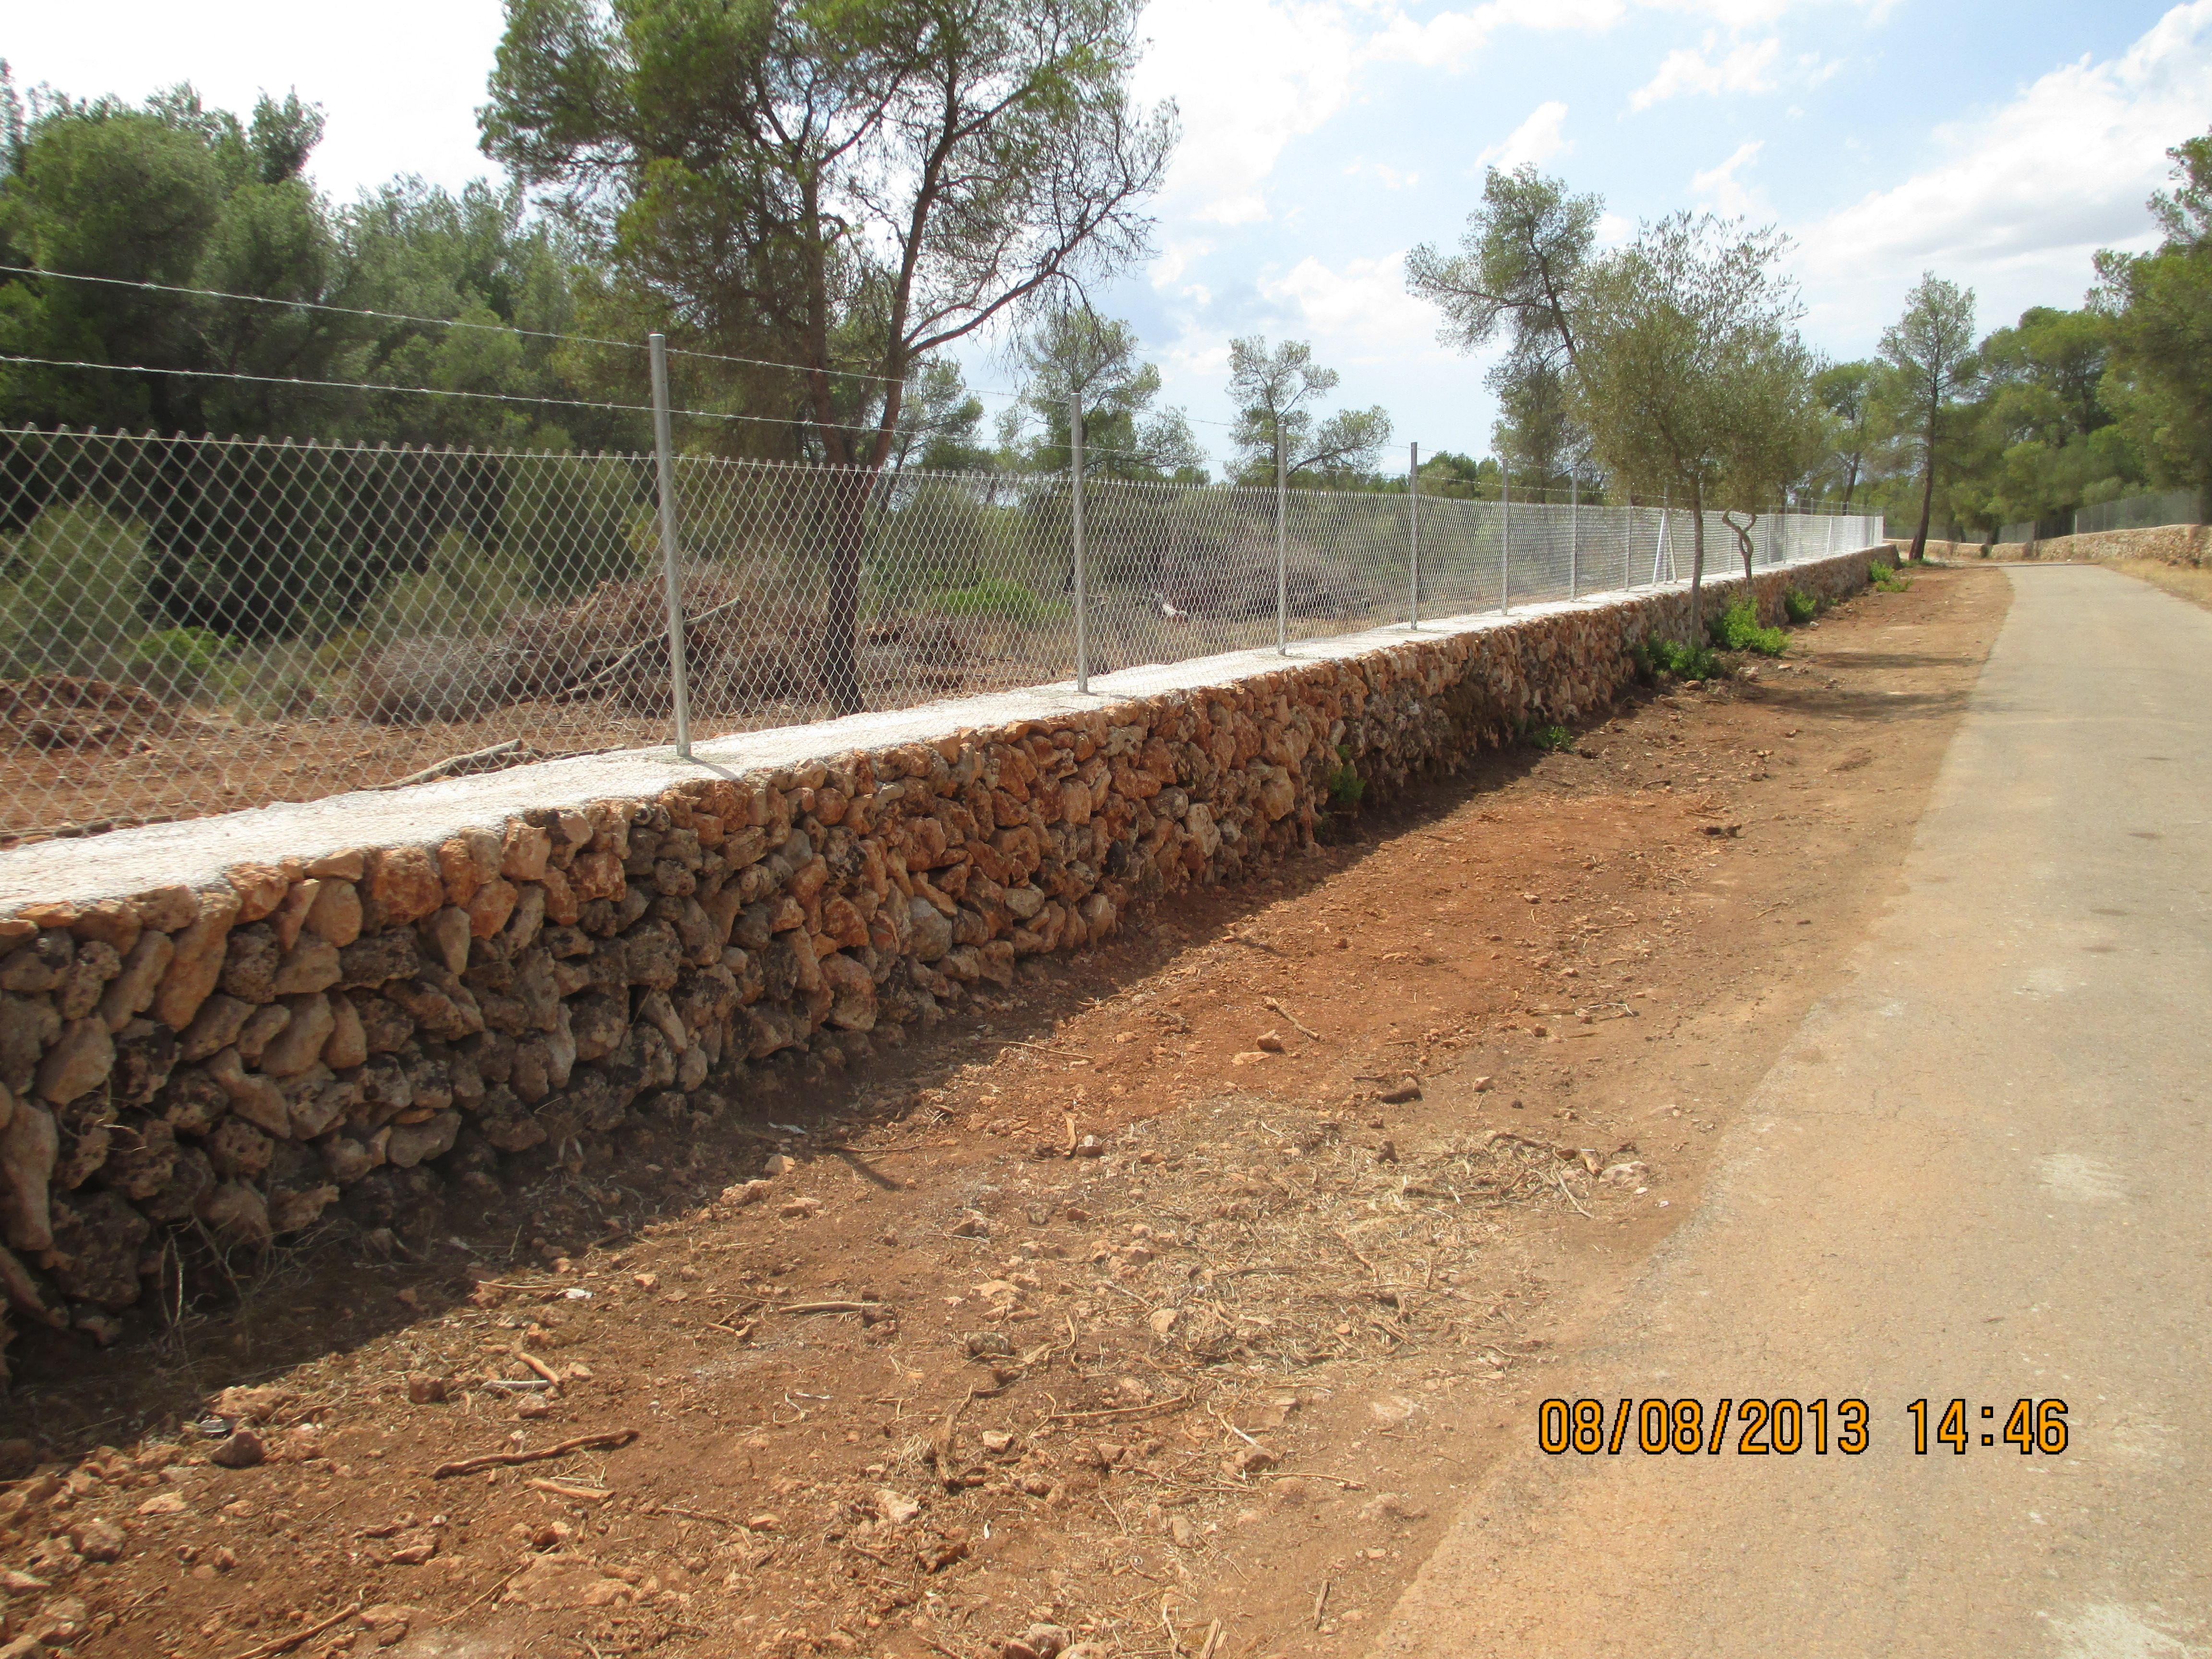 Cerramiento de finca r stica con pared de piedra en seco piedra en seco pinterest piedra y Cerramientos de piedra